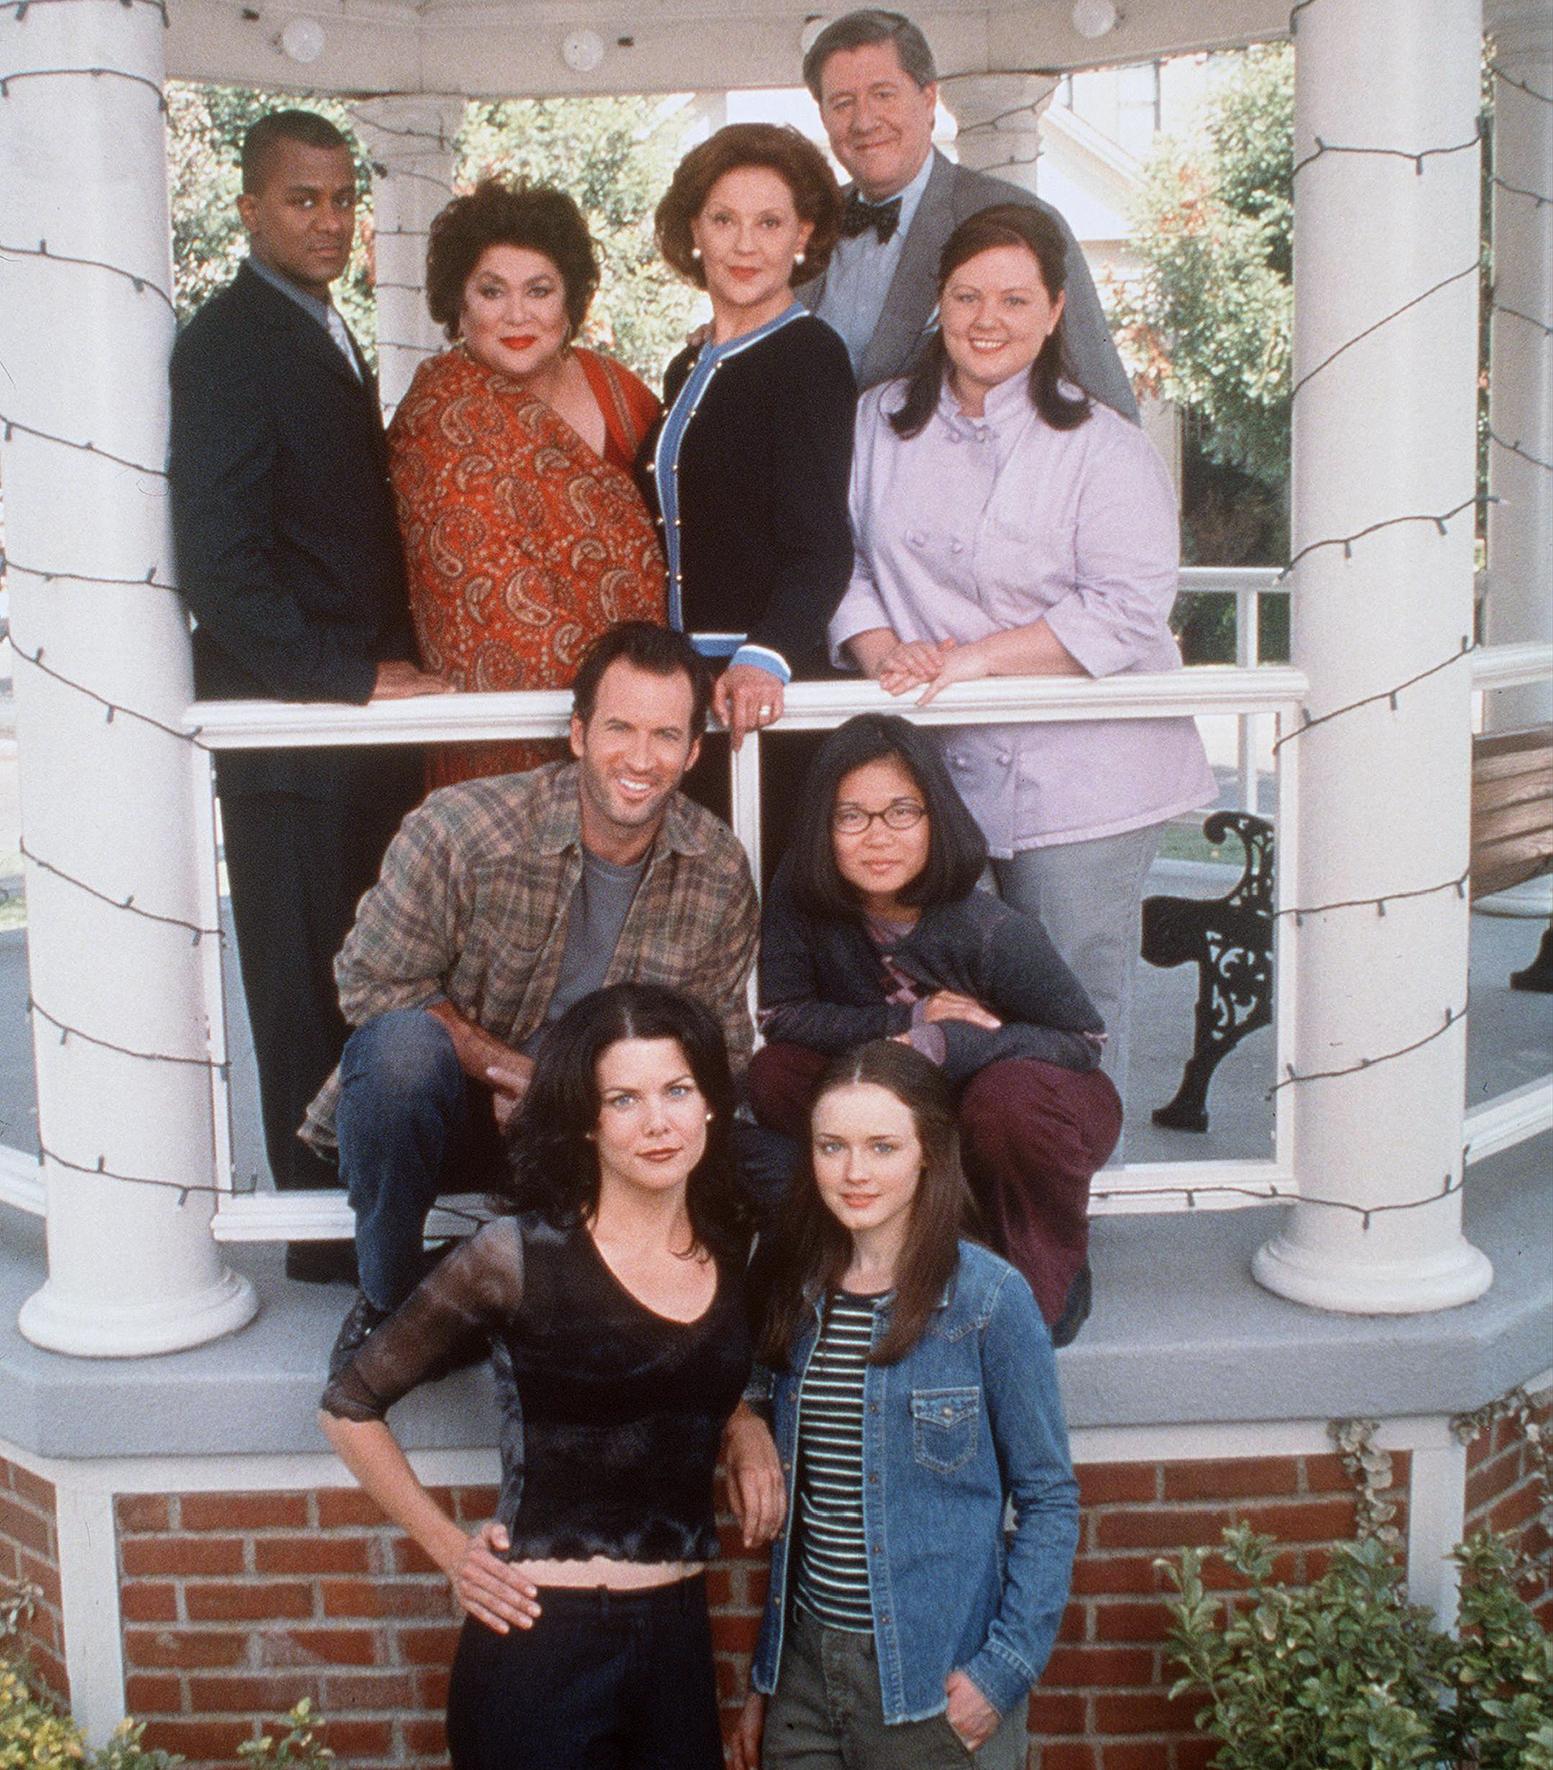 The original cast of Gilmore Girls.